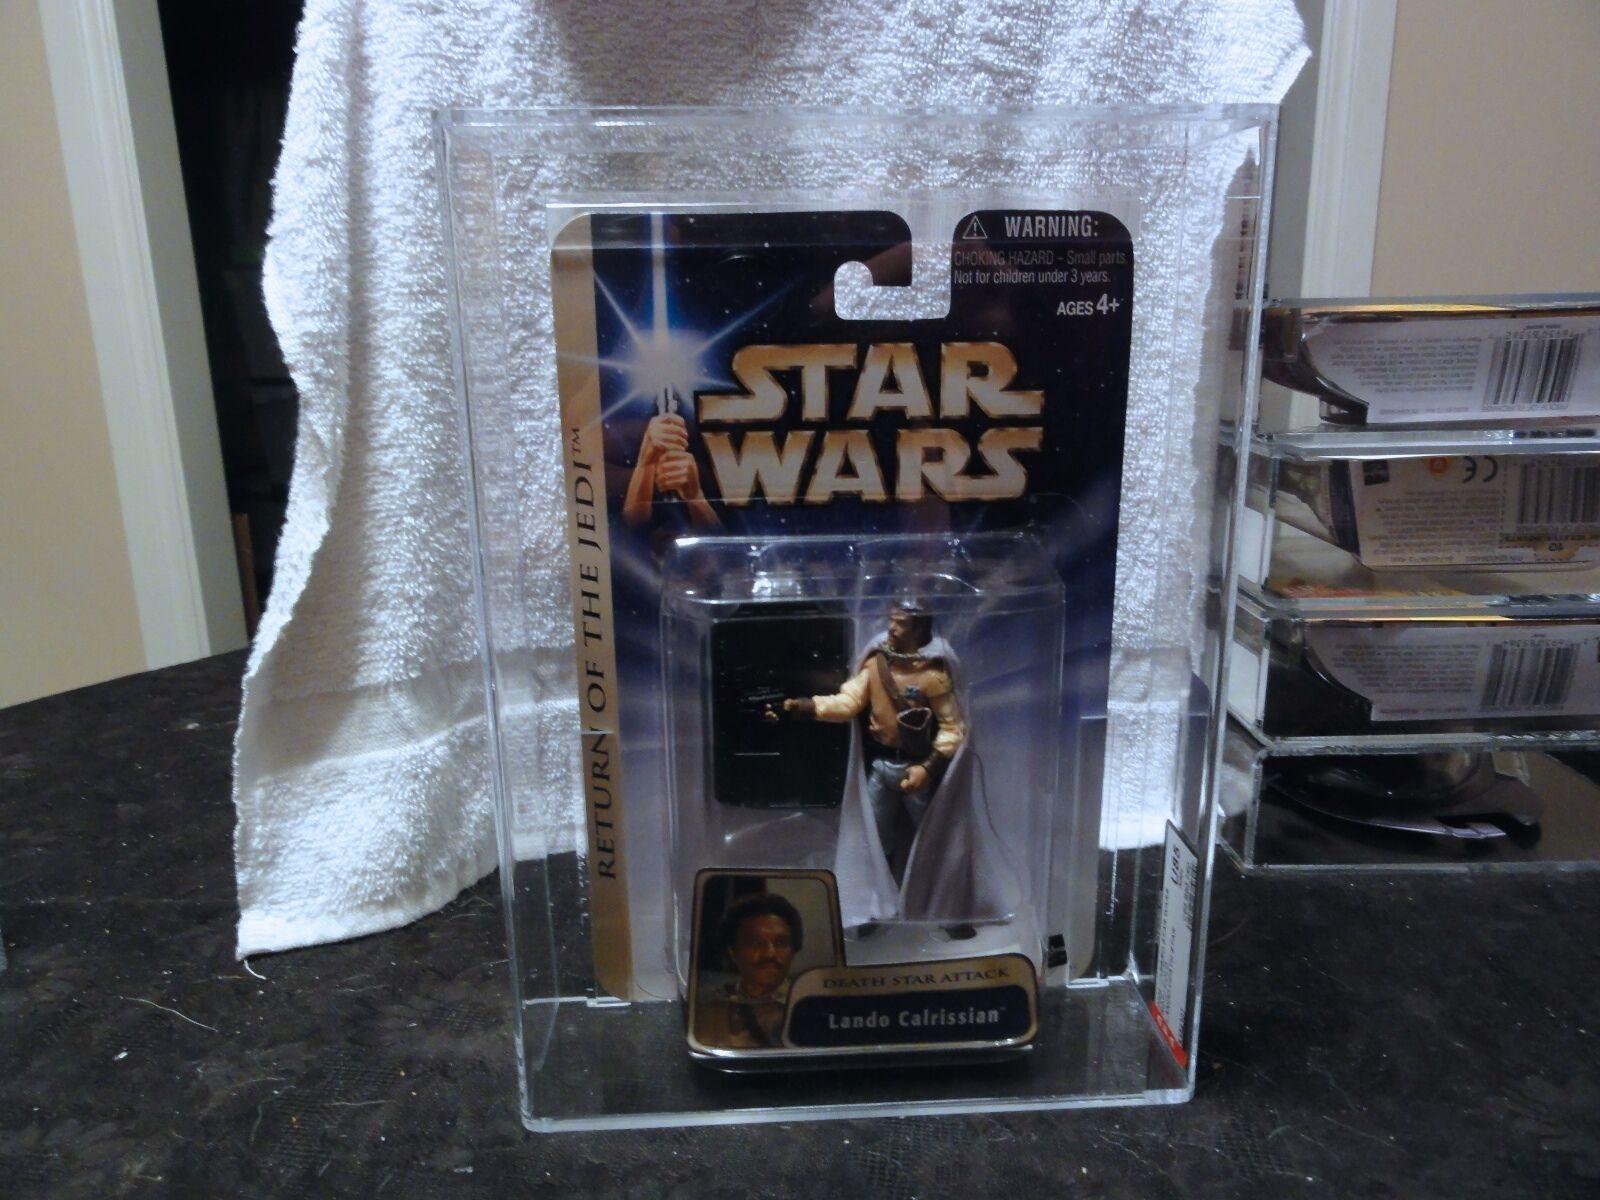 Star - wars - 2004 star wars rotj Gold lando todesstern afa versiegelt mib - box